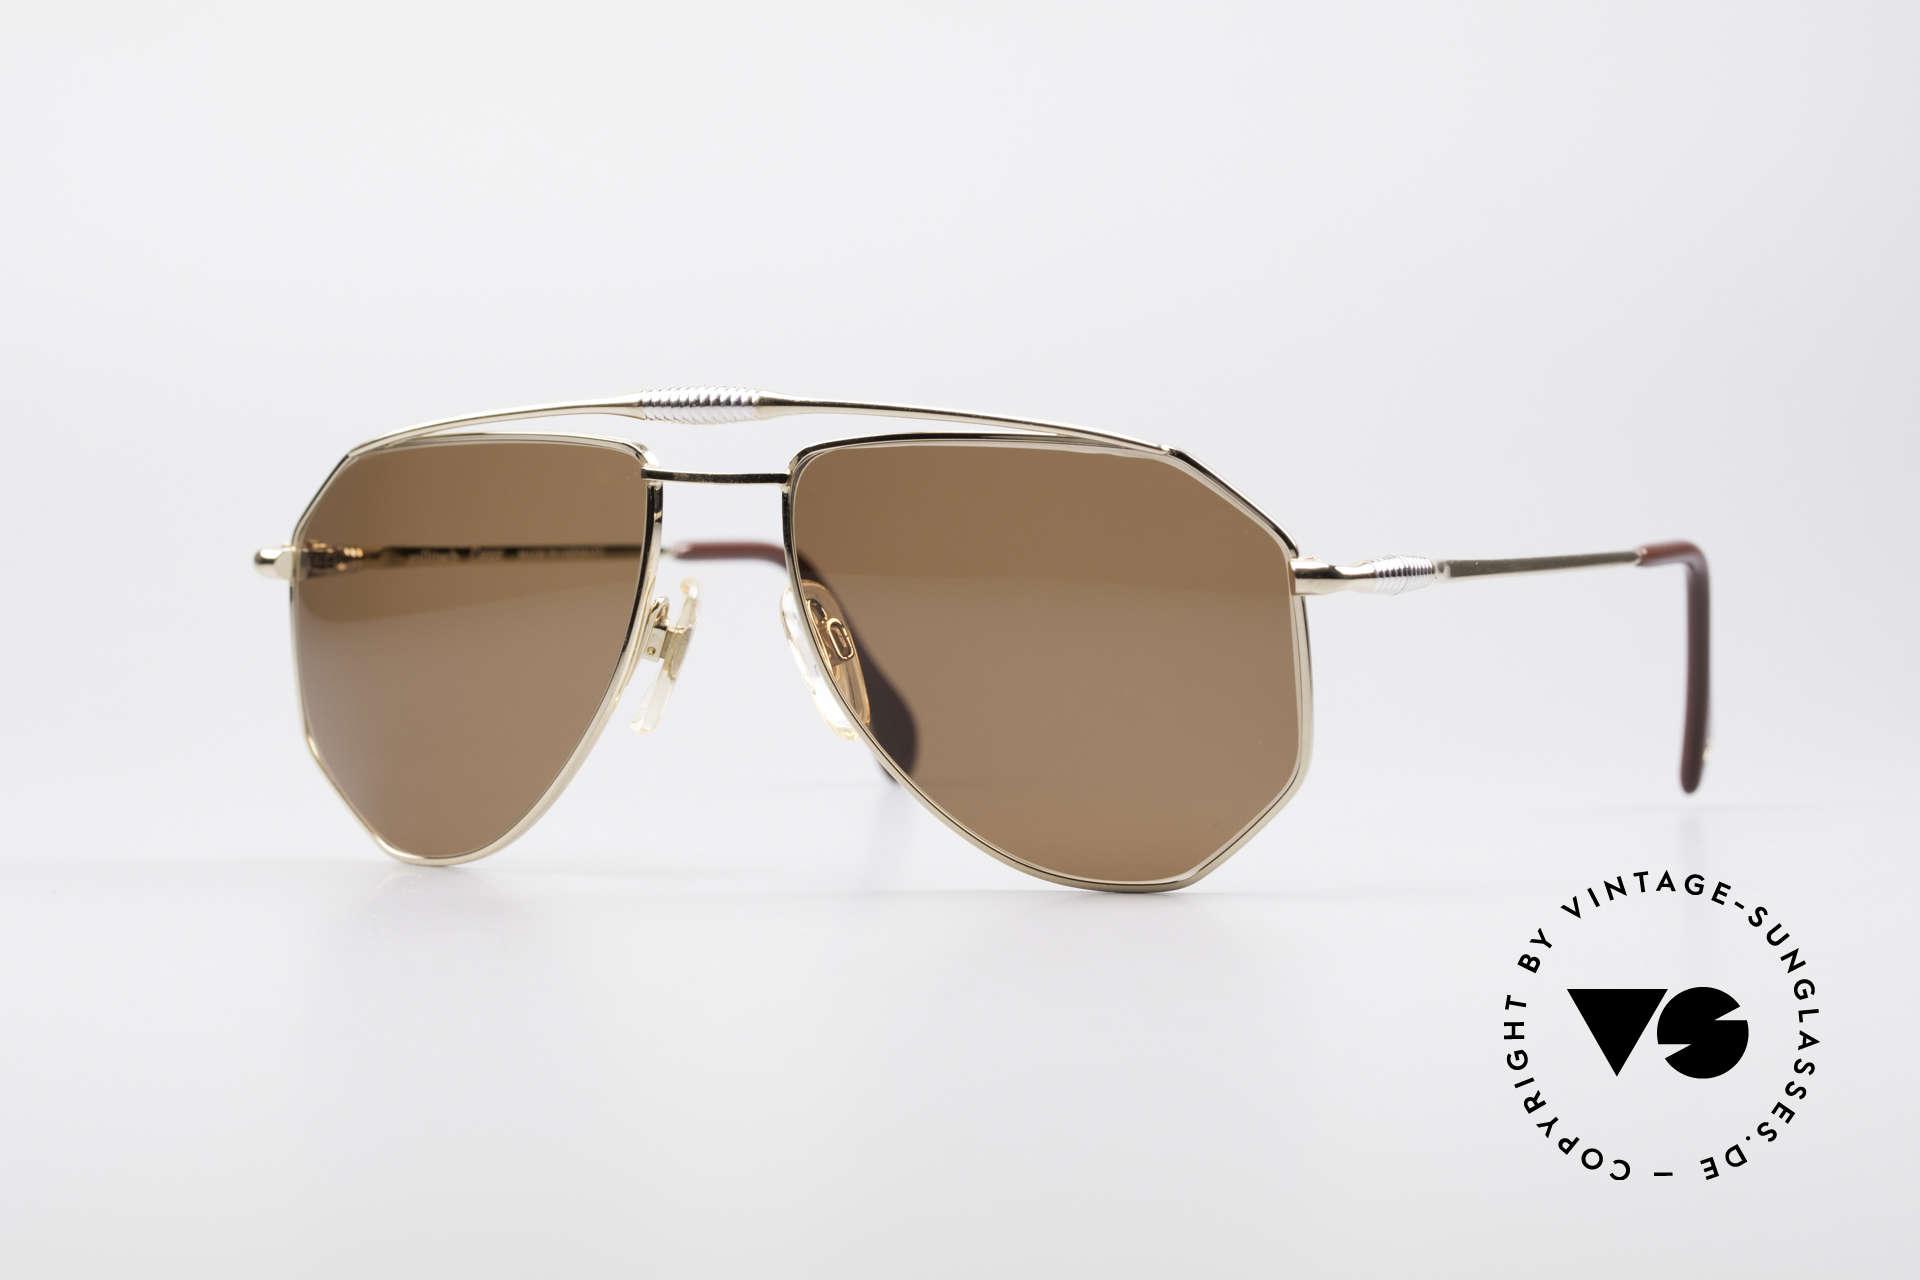 Zollitsch Cadre 120 Medium 80er Sonnenbrille, vintage Zollitsch Sonnenbrille aus den späten 1980ern, Passend für Herren